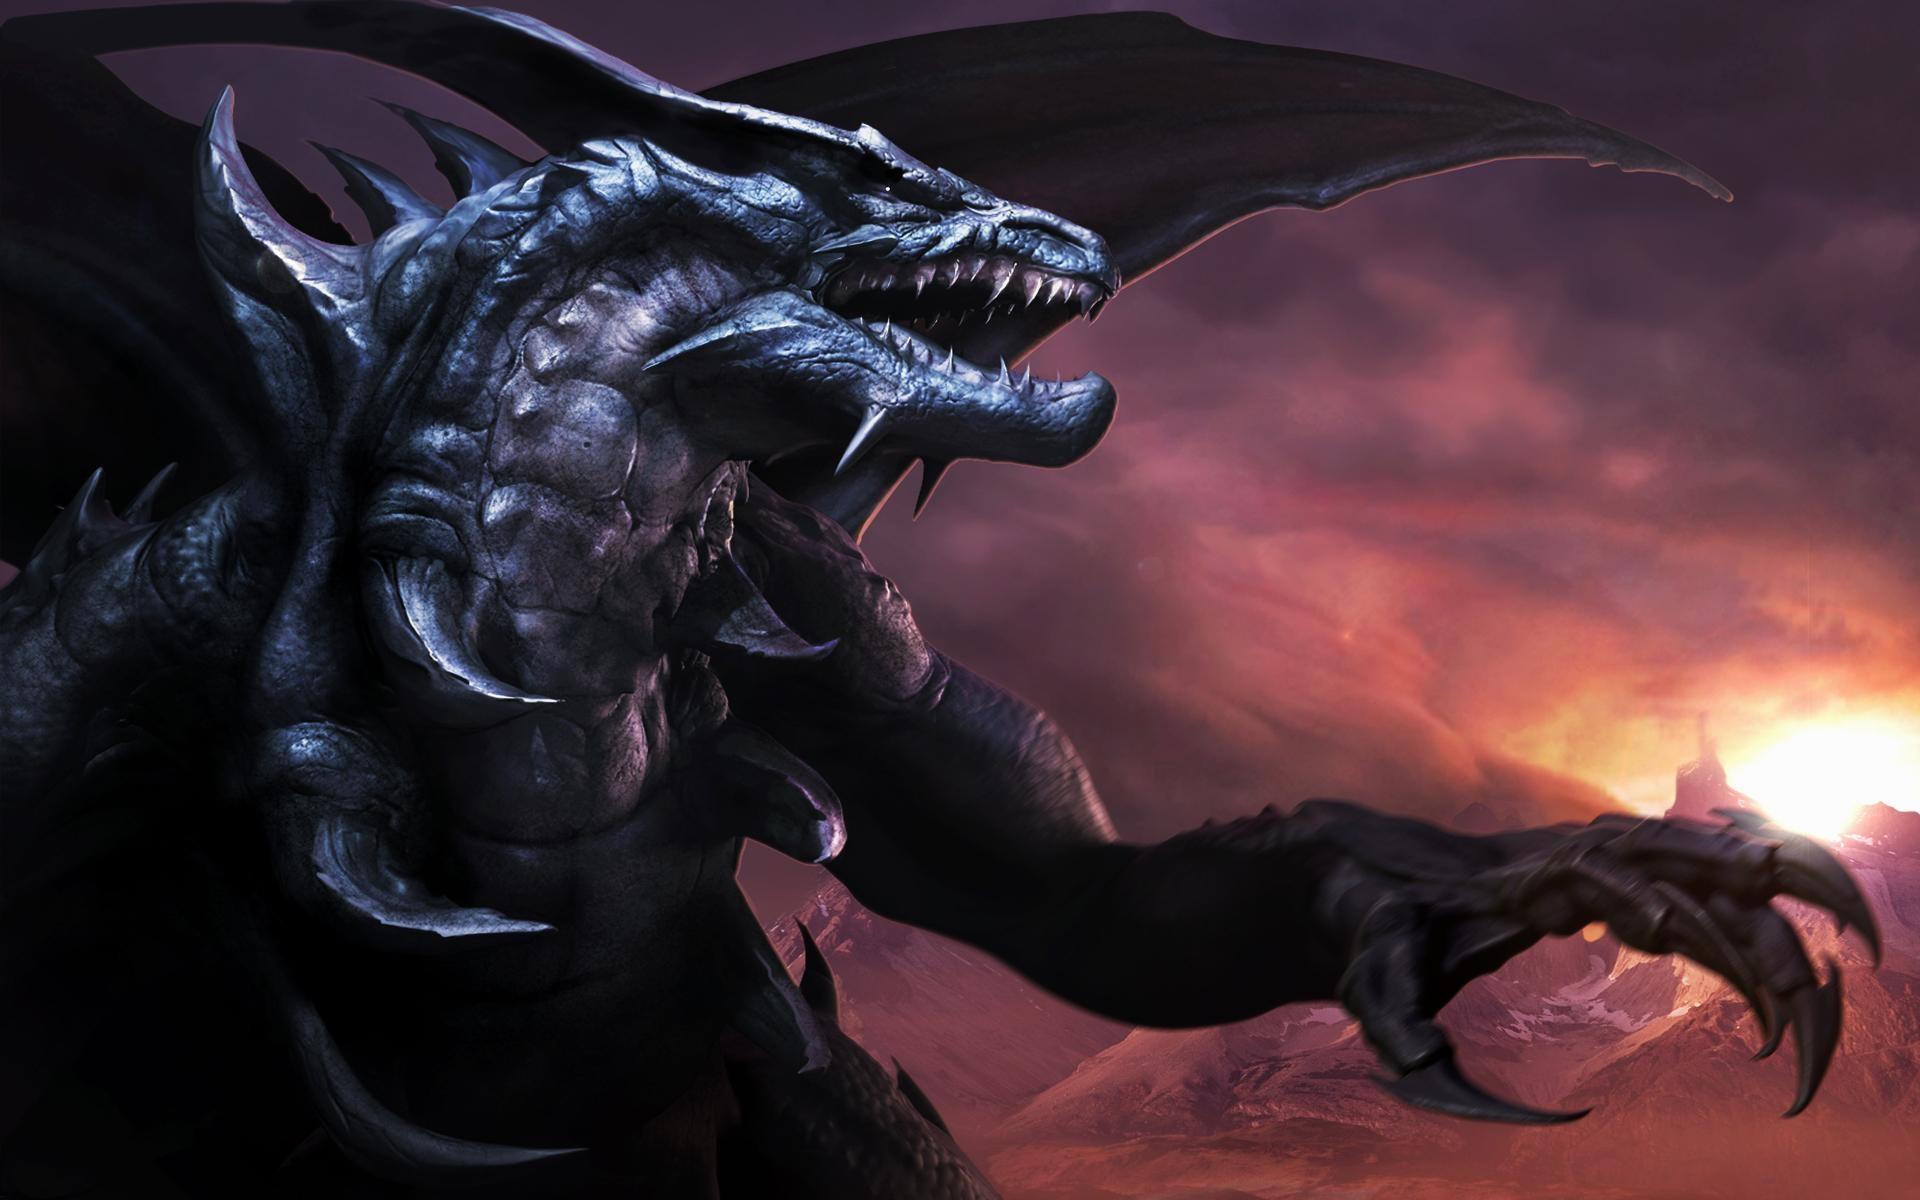 Dragon-Black-Dragon-Dragons-Fanpop-fanclubs-wallpaper-wp3405029